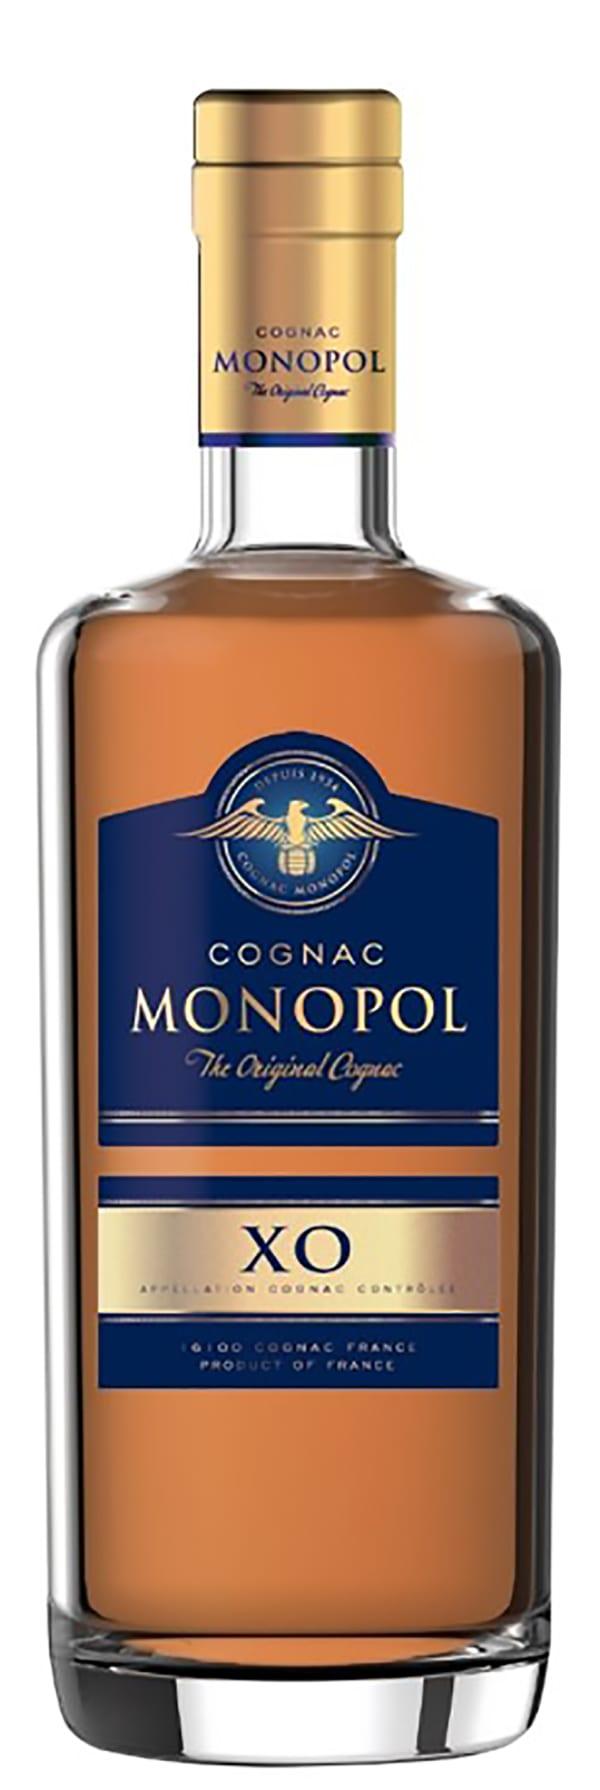 Monopol XO